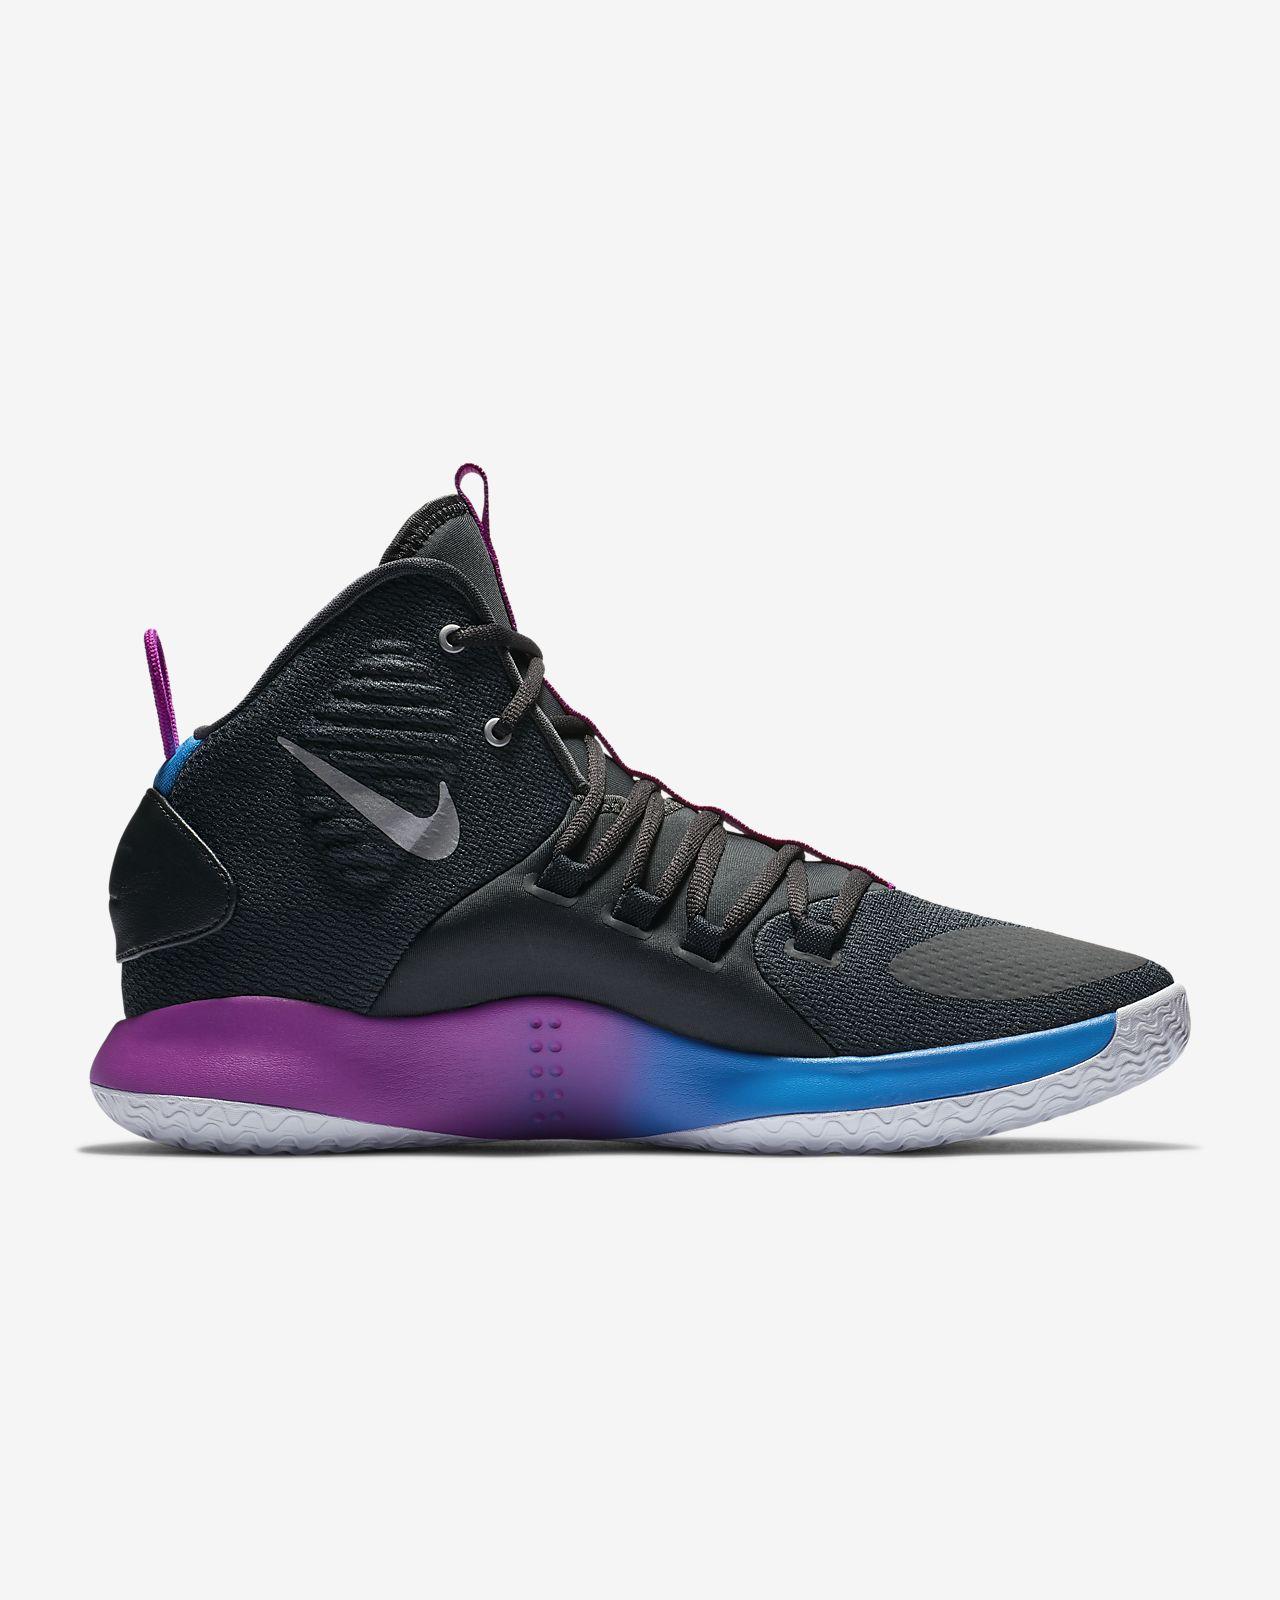 Nike Basketball Hyperdunk Chaussure X De 9bWEDIYeH2